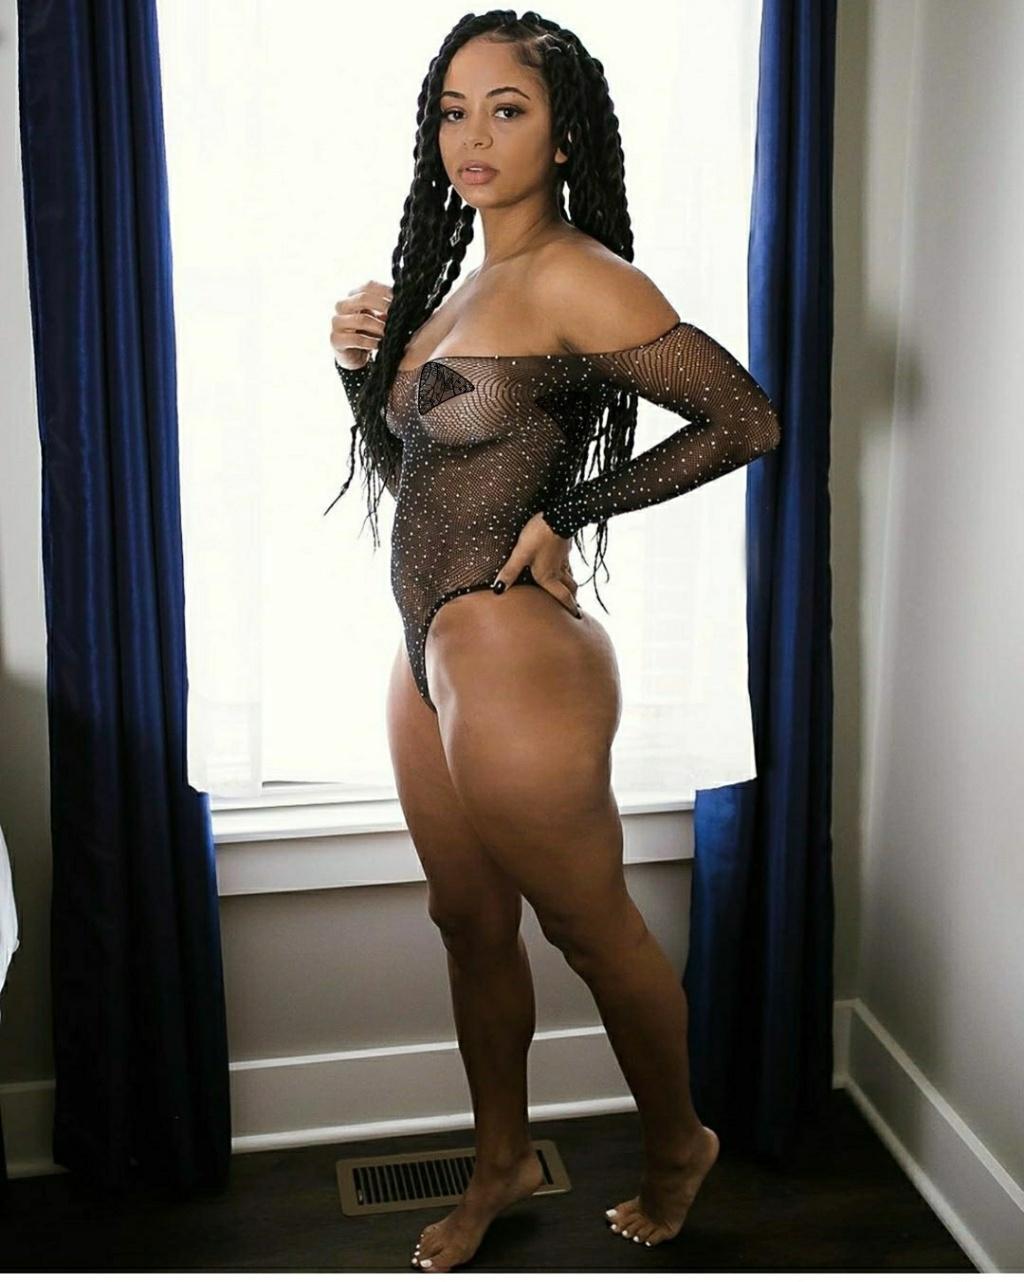 DEBATE sobre belleza, guapura y hermosura (fotos de chicas latinas, mestizas, y de todo) - VOL II - Página 7 Img_2819